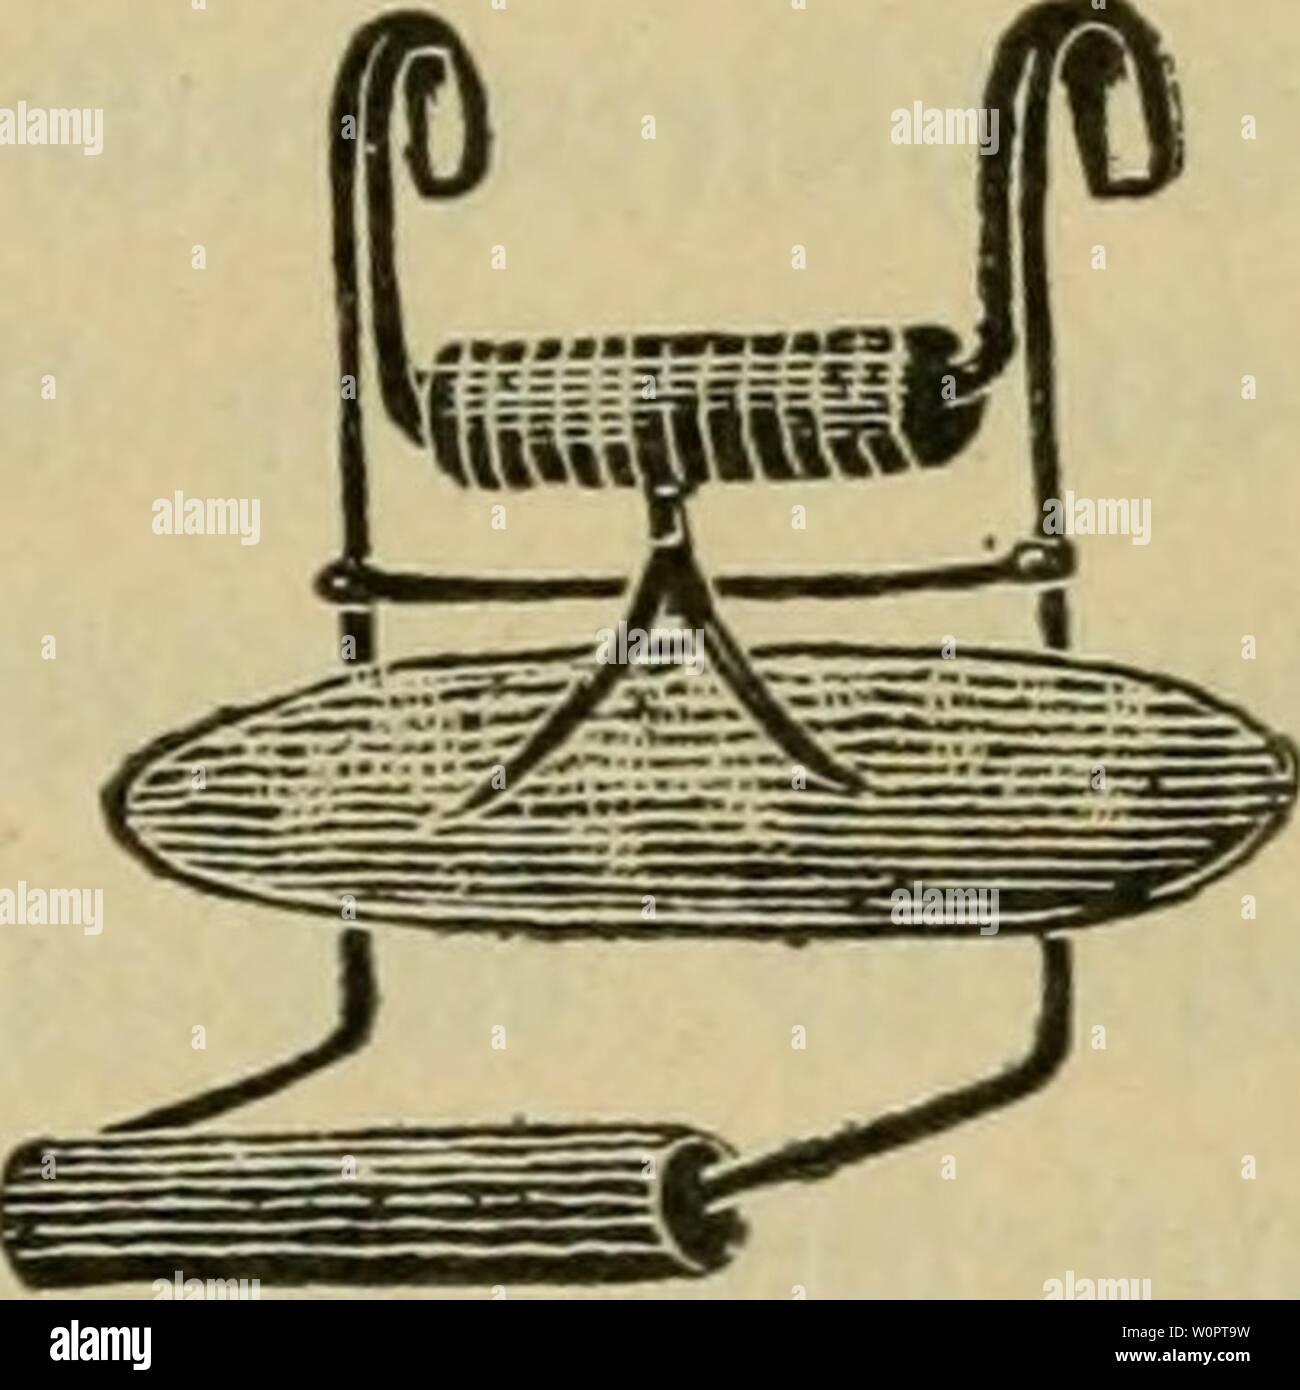 Archiv Bild ab Seite 132 von der Kanarienvogel; seine Naturgeschichte, Pflege Stockbild